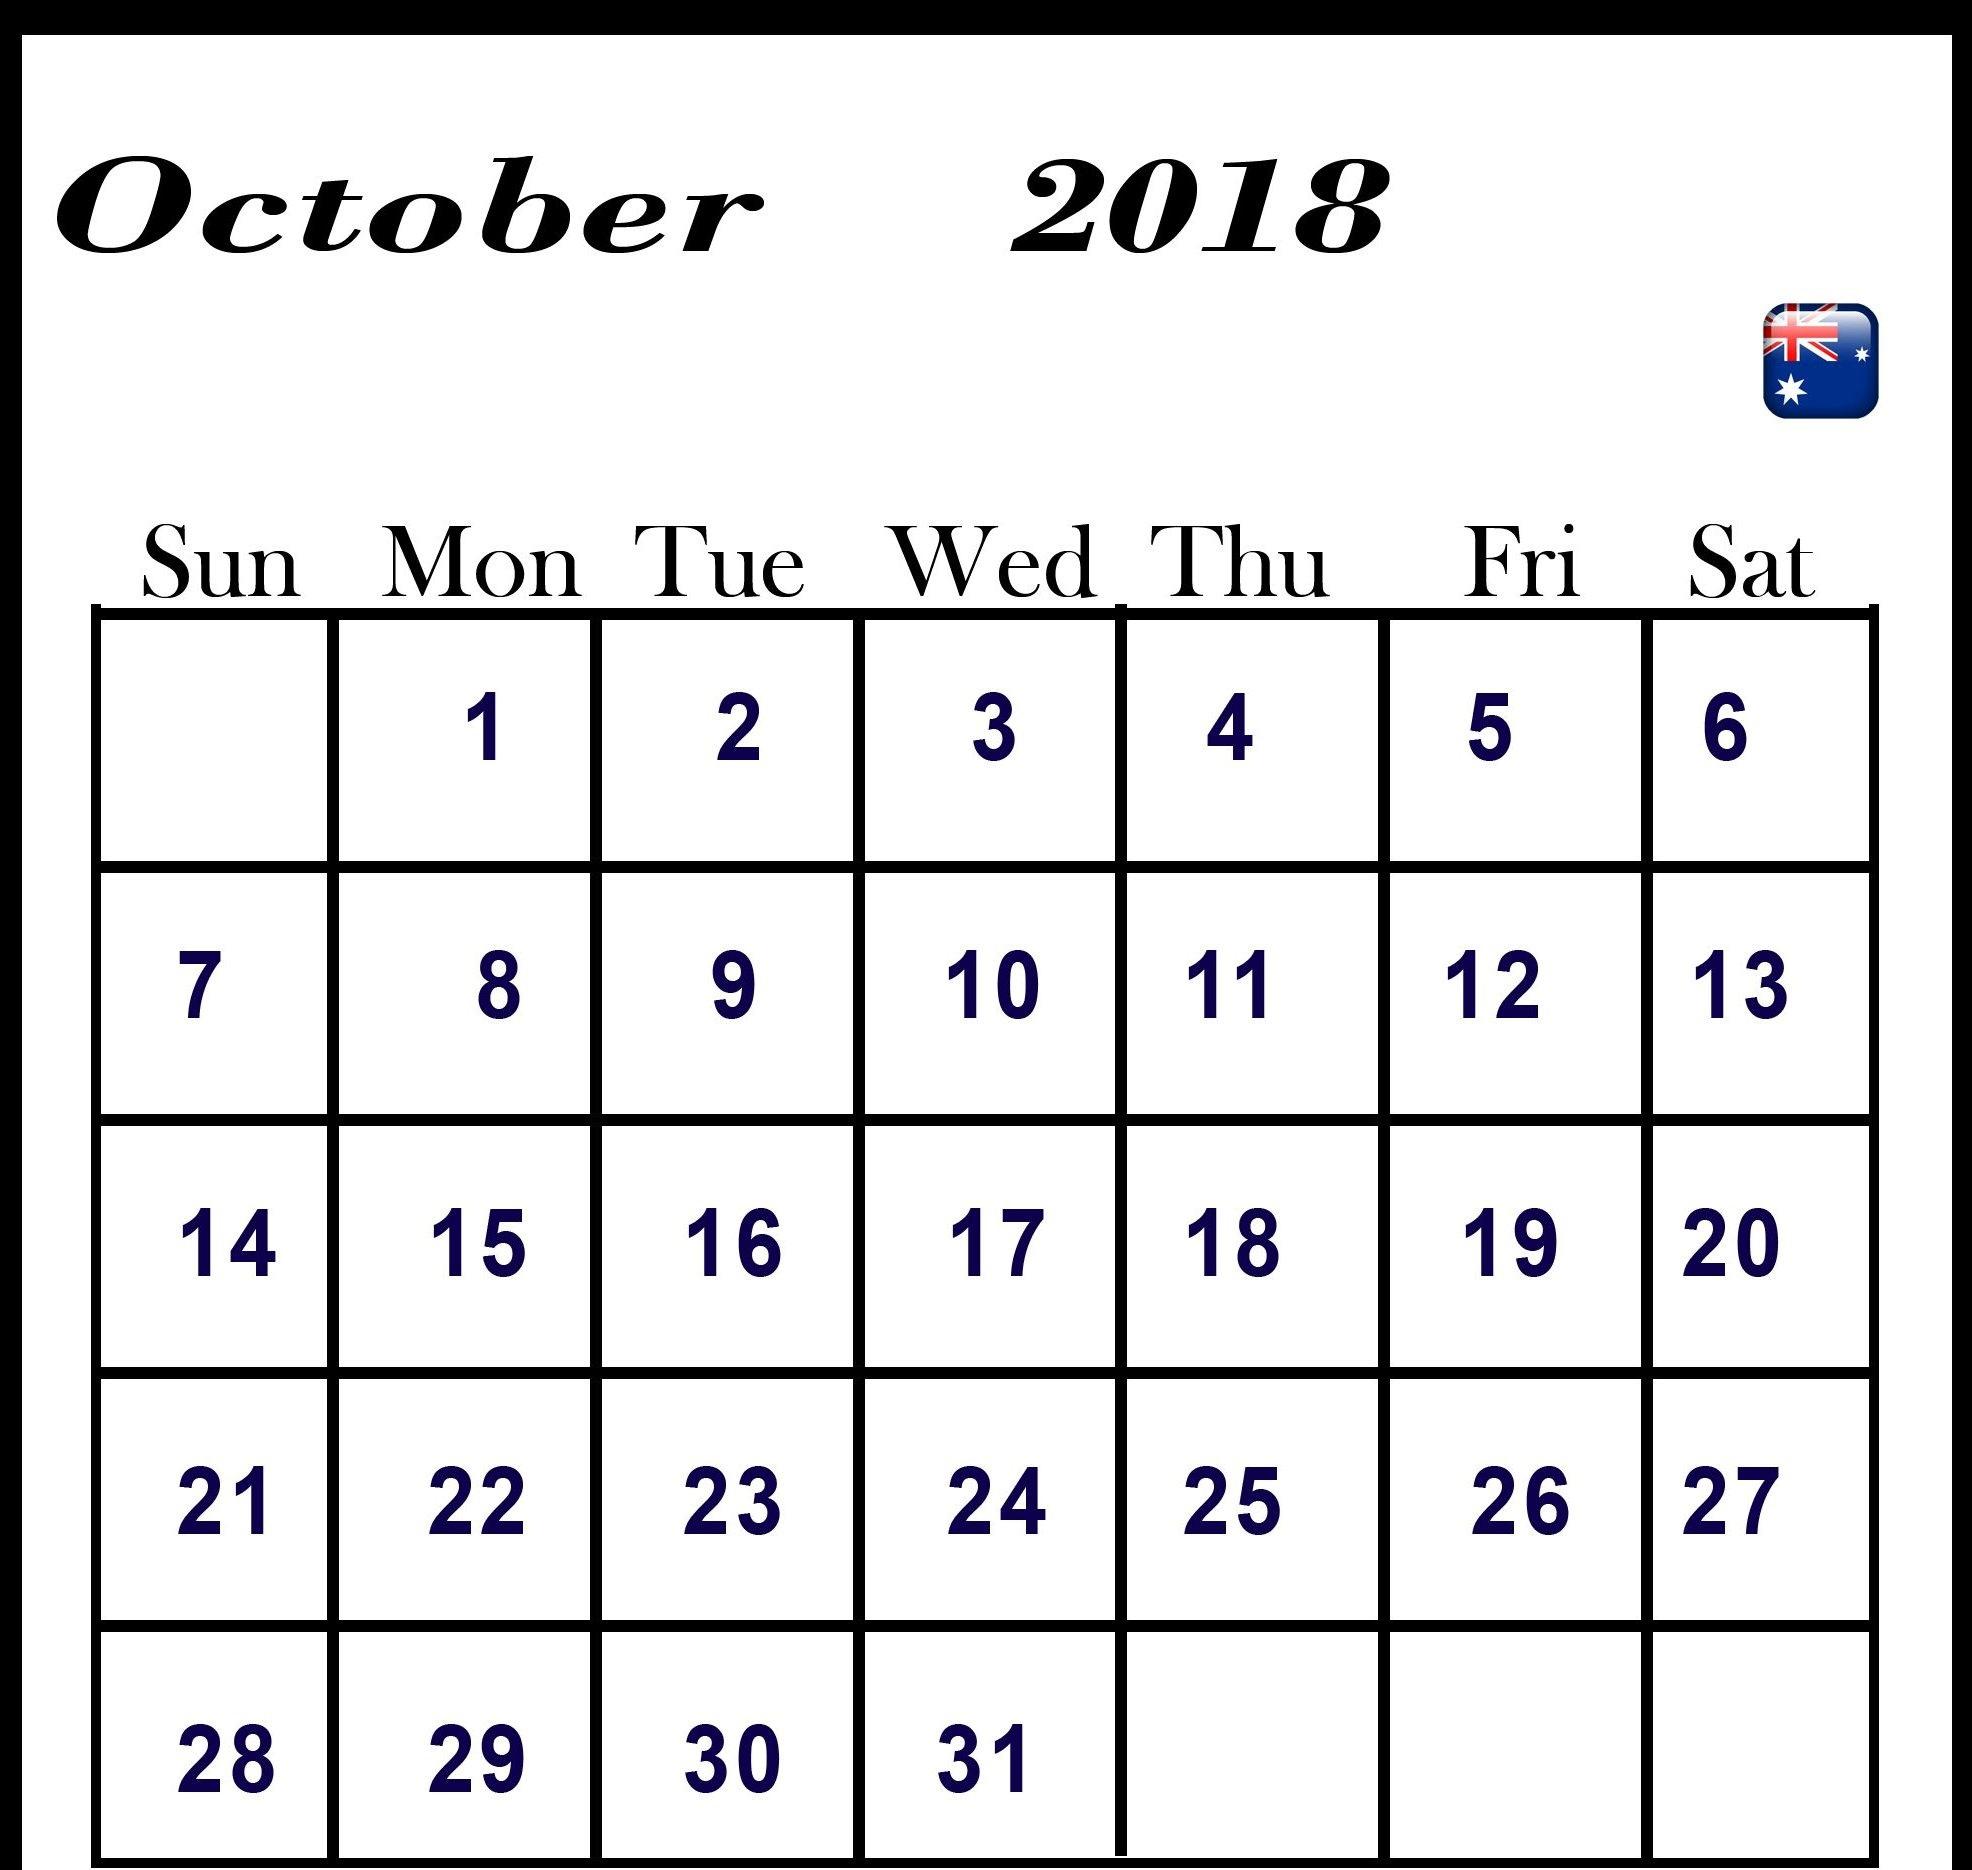 Calendar For October 2018 Australia - Free August 2019 Calendar within Calendar October 2019 Australia Images